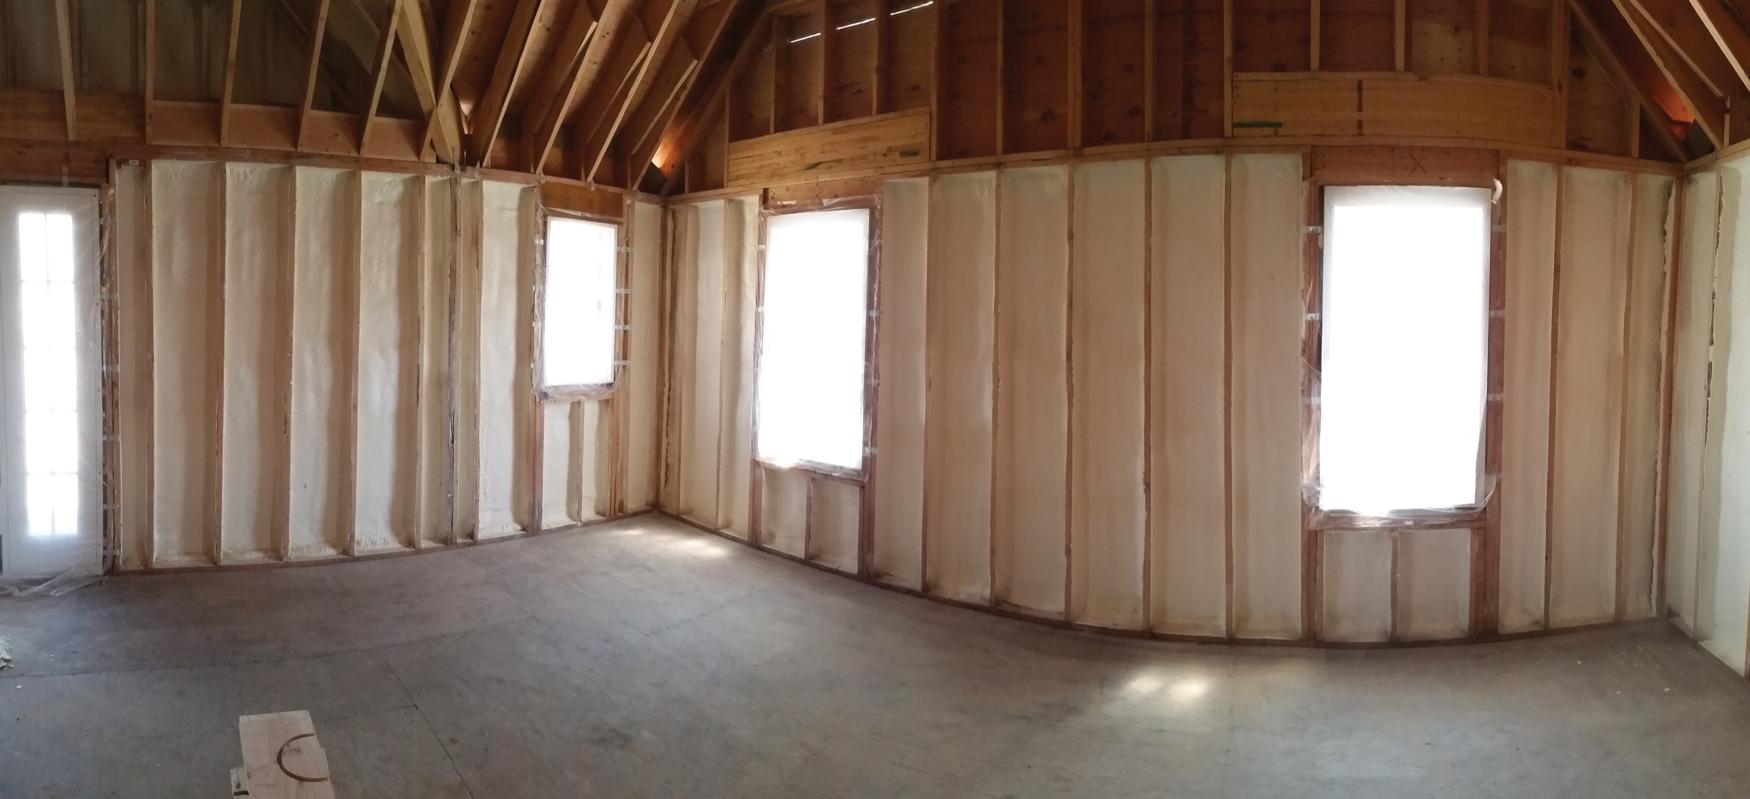 External Timber Frame